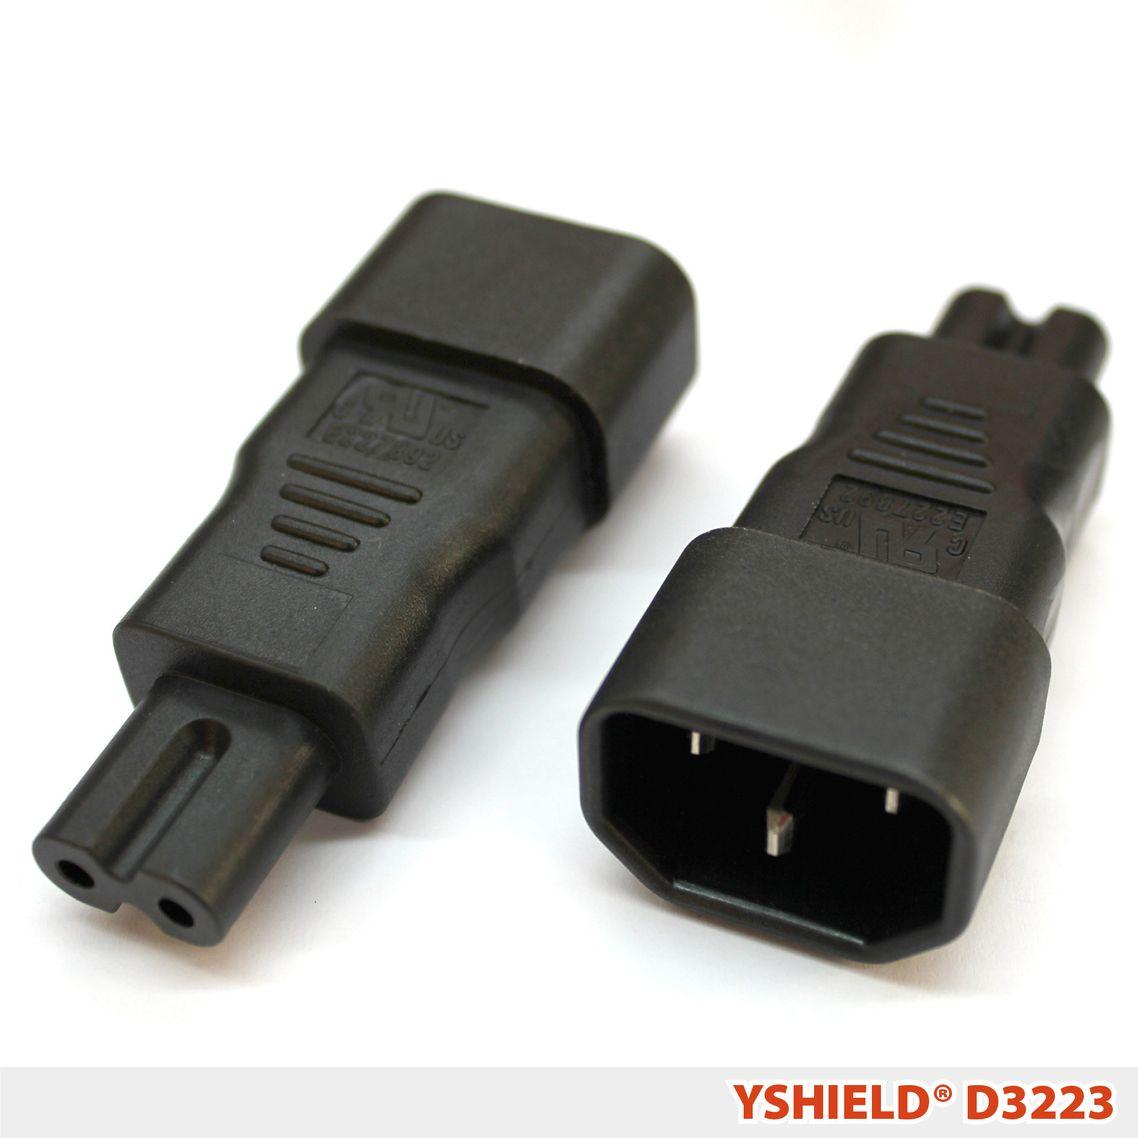 D3223 | Adapter C13 auf zweipolig C7